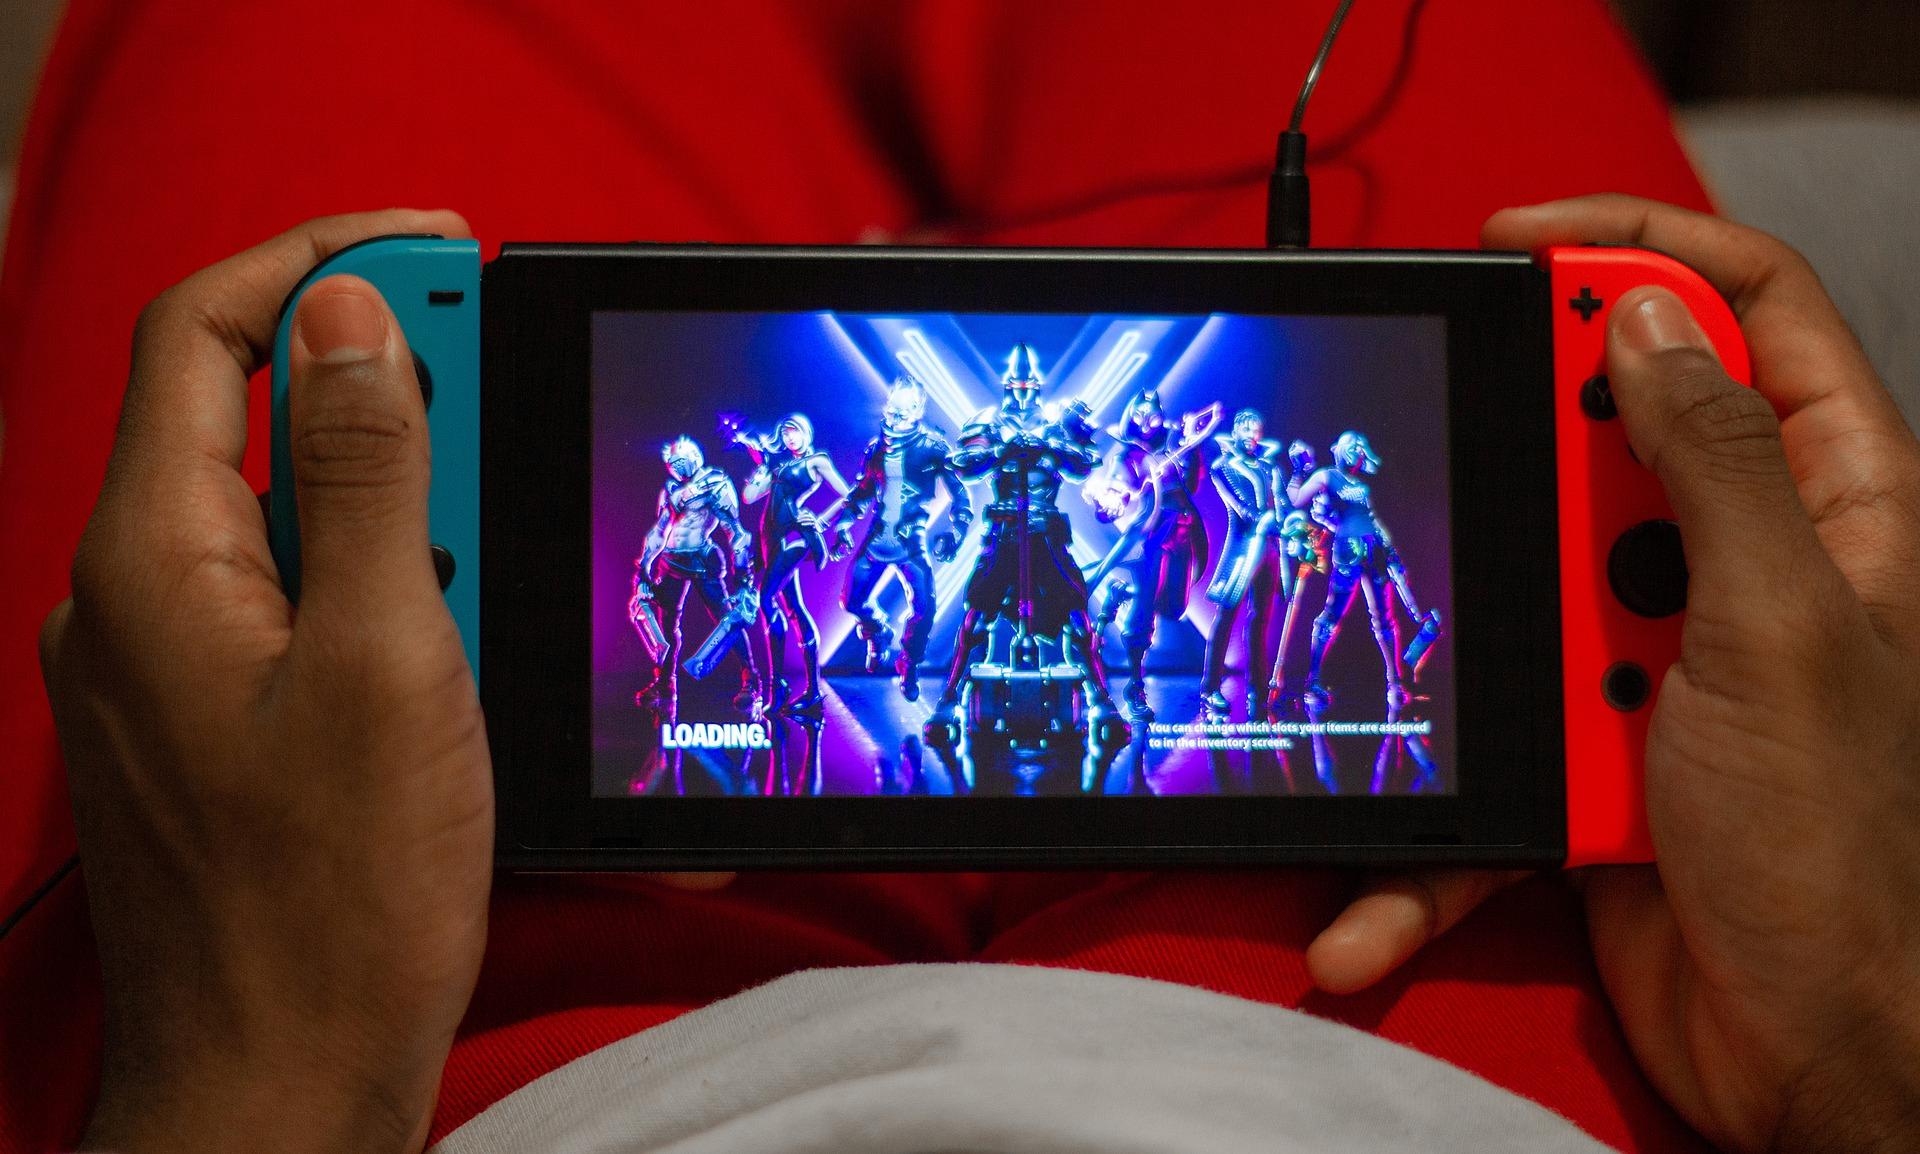 Imagem mostra as mãos de uma pessoa jogando Fortnite no Nintendo Switch.